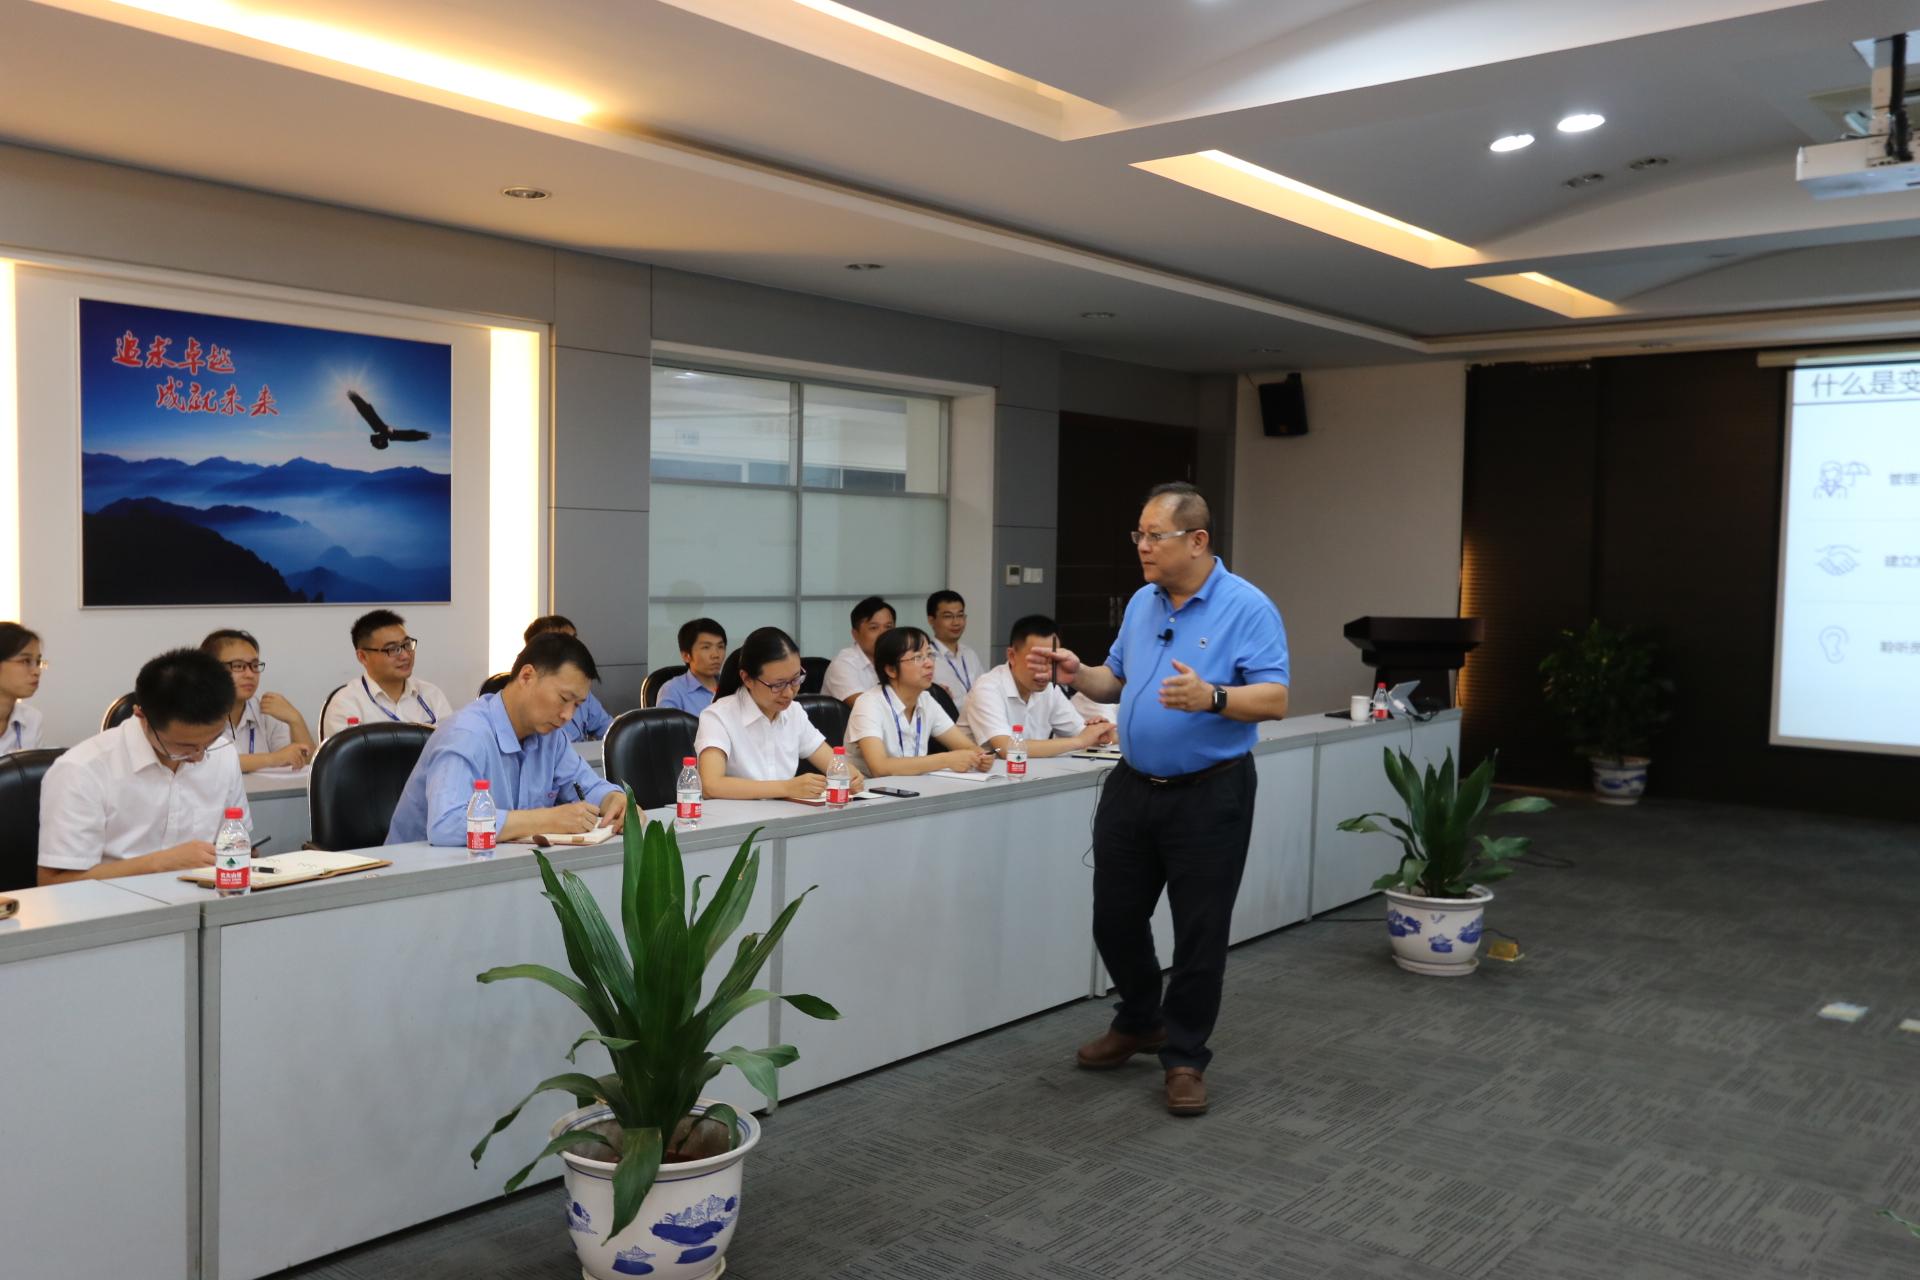 華茂科技與常熟中利集團舉辦變革管理研討會